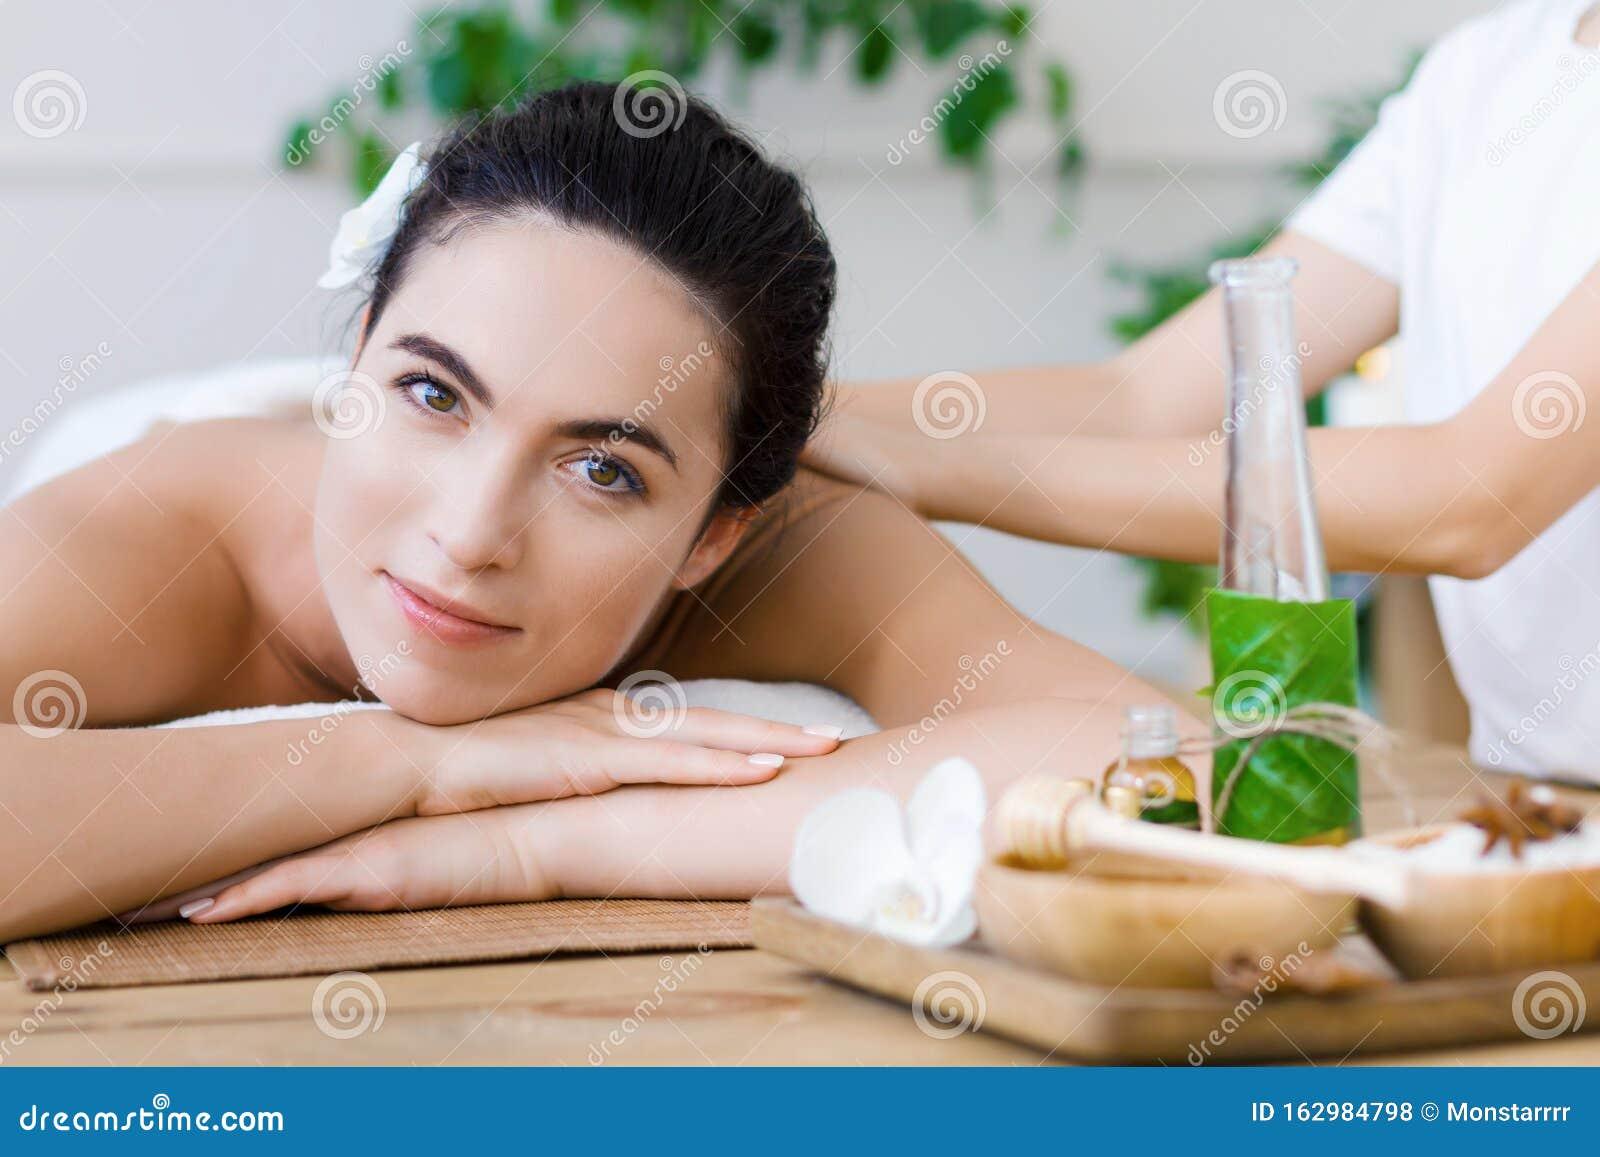 Thai Massage Therapy At Spa Salon. Health Care Concept